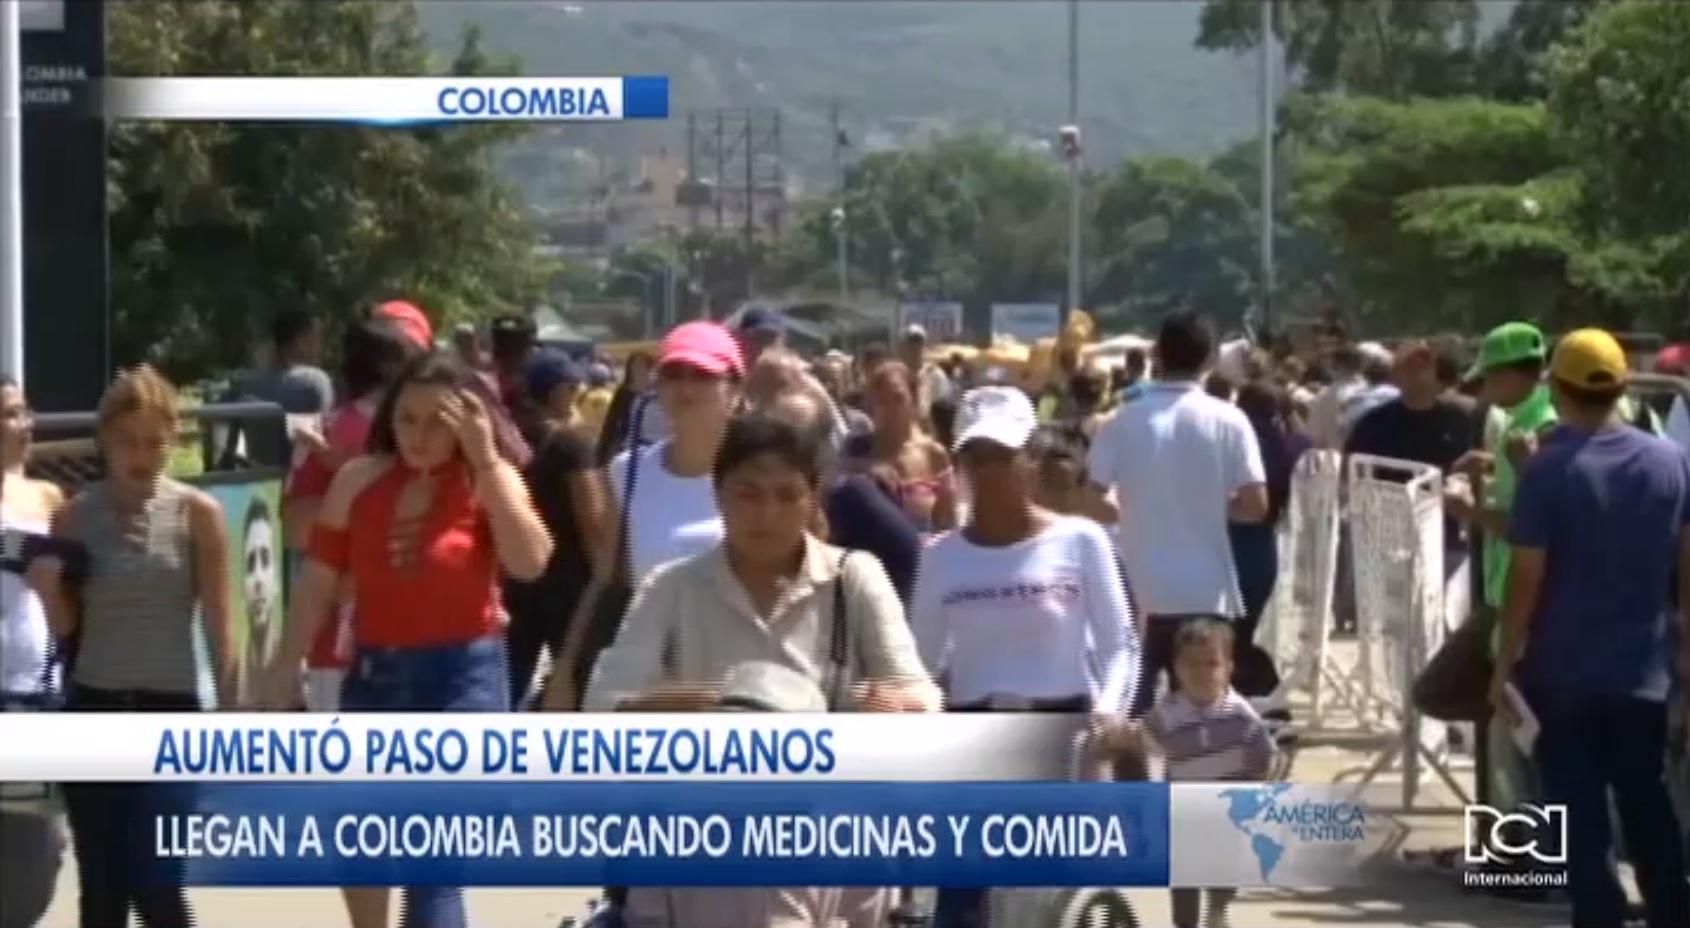 Aumenta el paso de venezolanos a Colombia